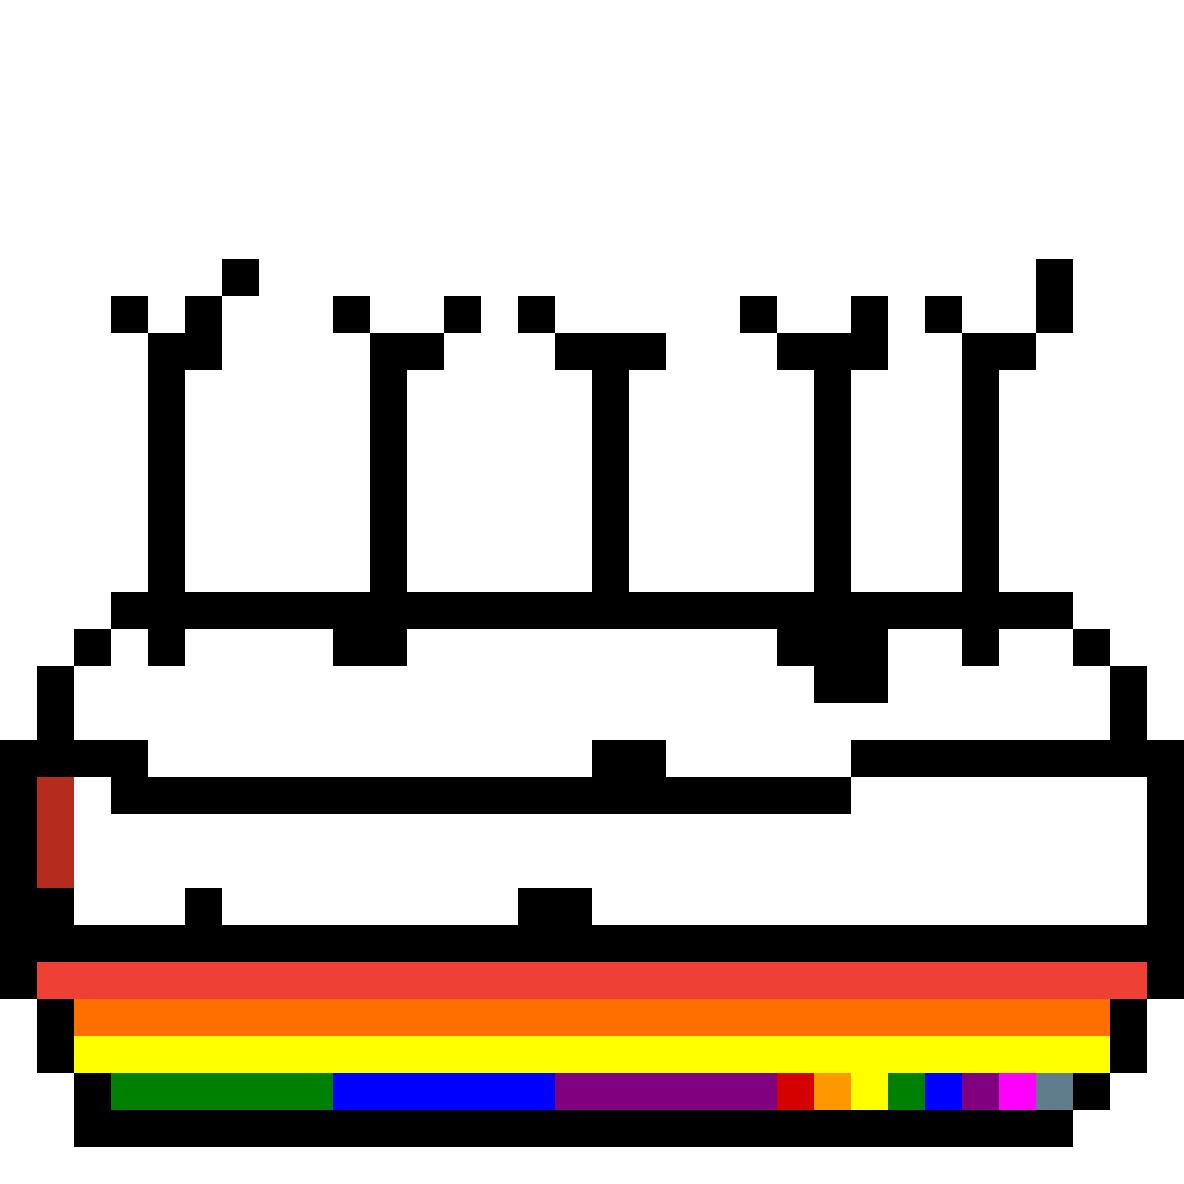 Rainbow cake by urjgnevfskmD